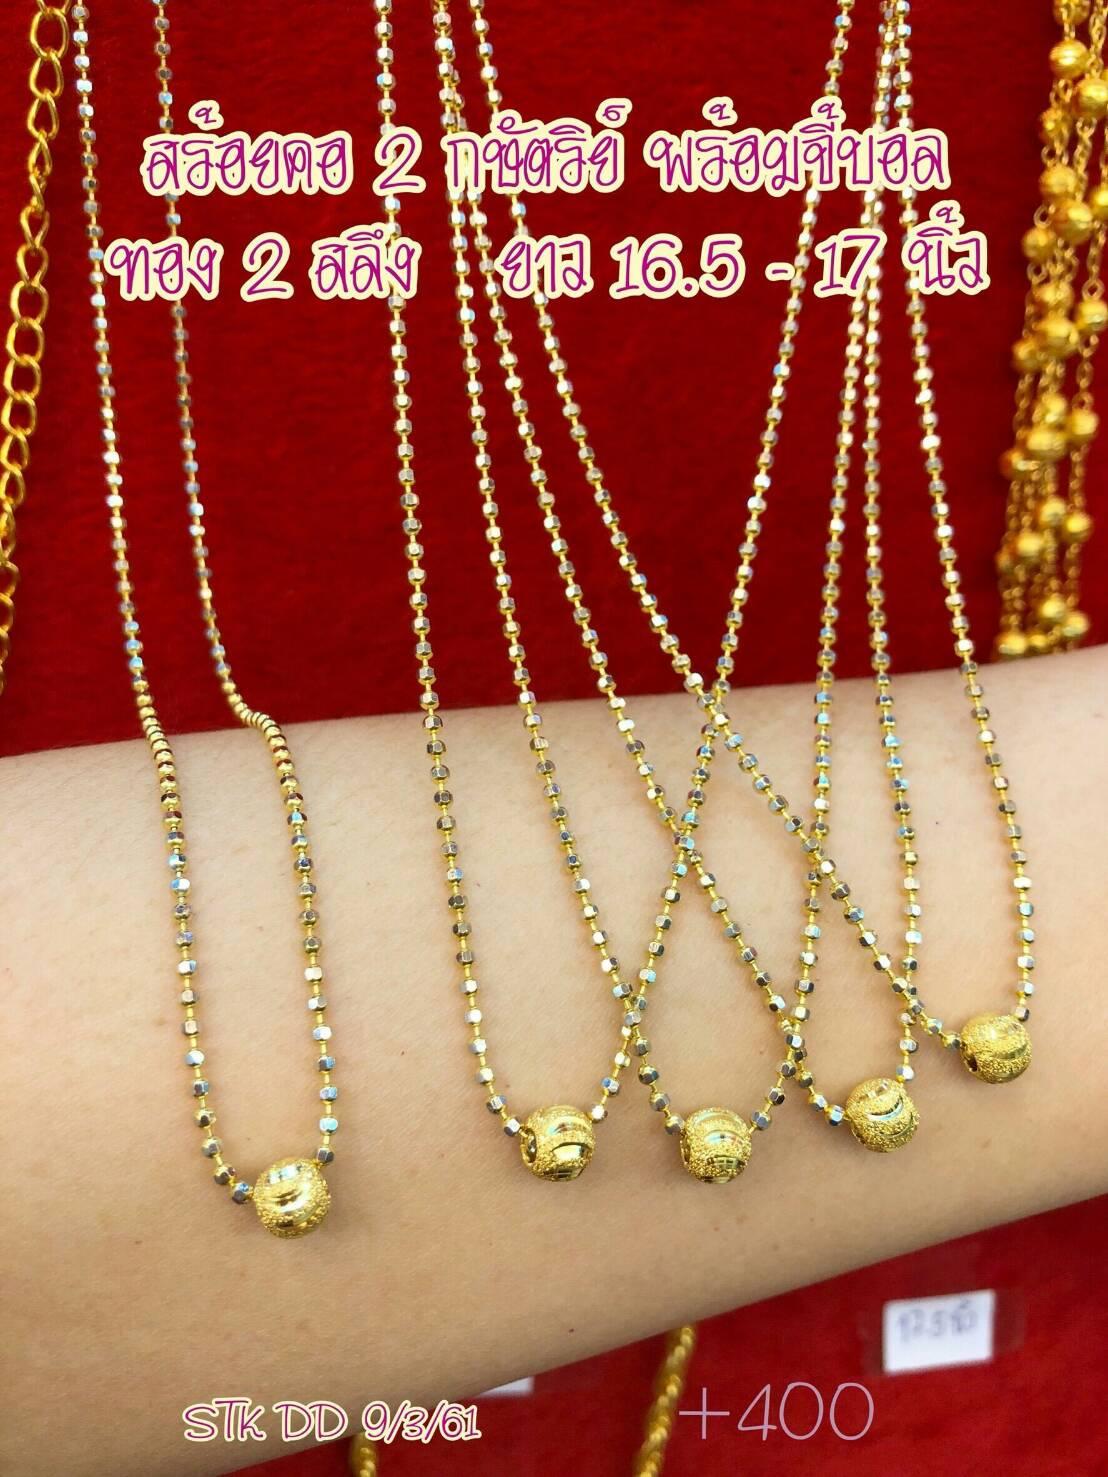 สร้อยคอพร้อมจี้ ทองคำแท้ 96.5% (+ทองขาว)หนัก 2 สลึง (7.6 กรัม)